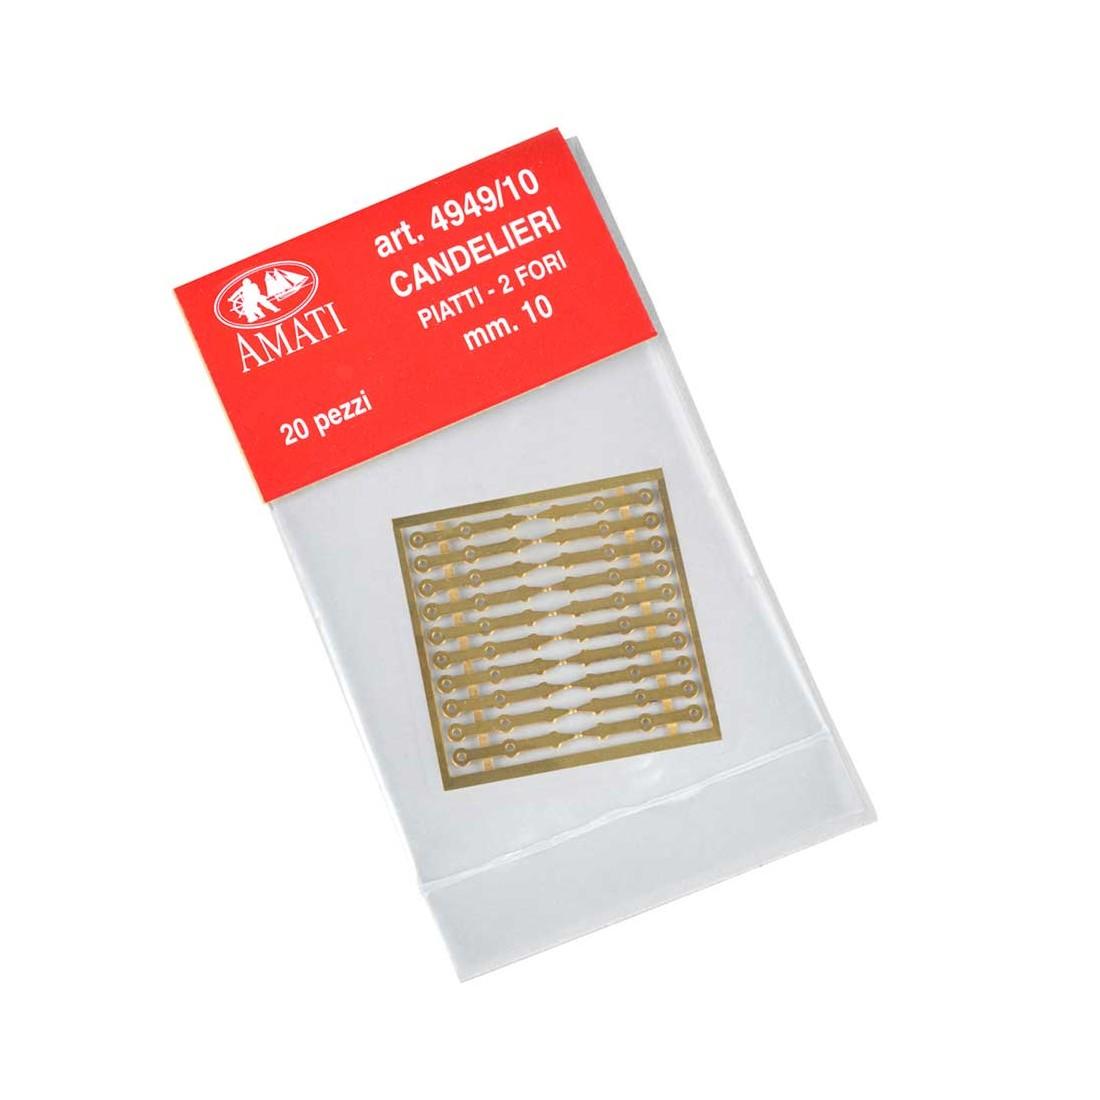 Chandeliers plats mm.10 (en photodécoupé)